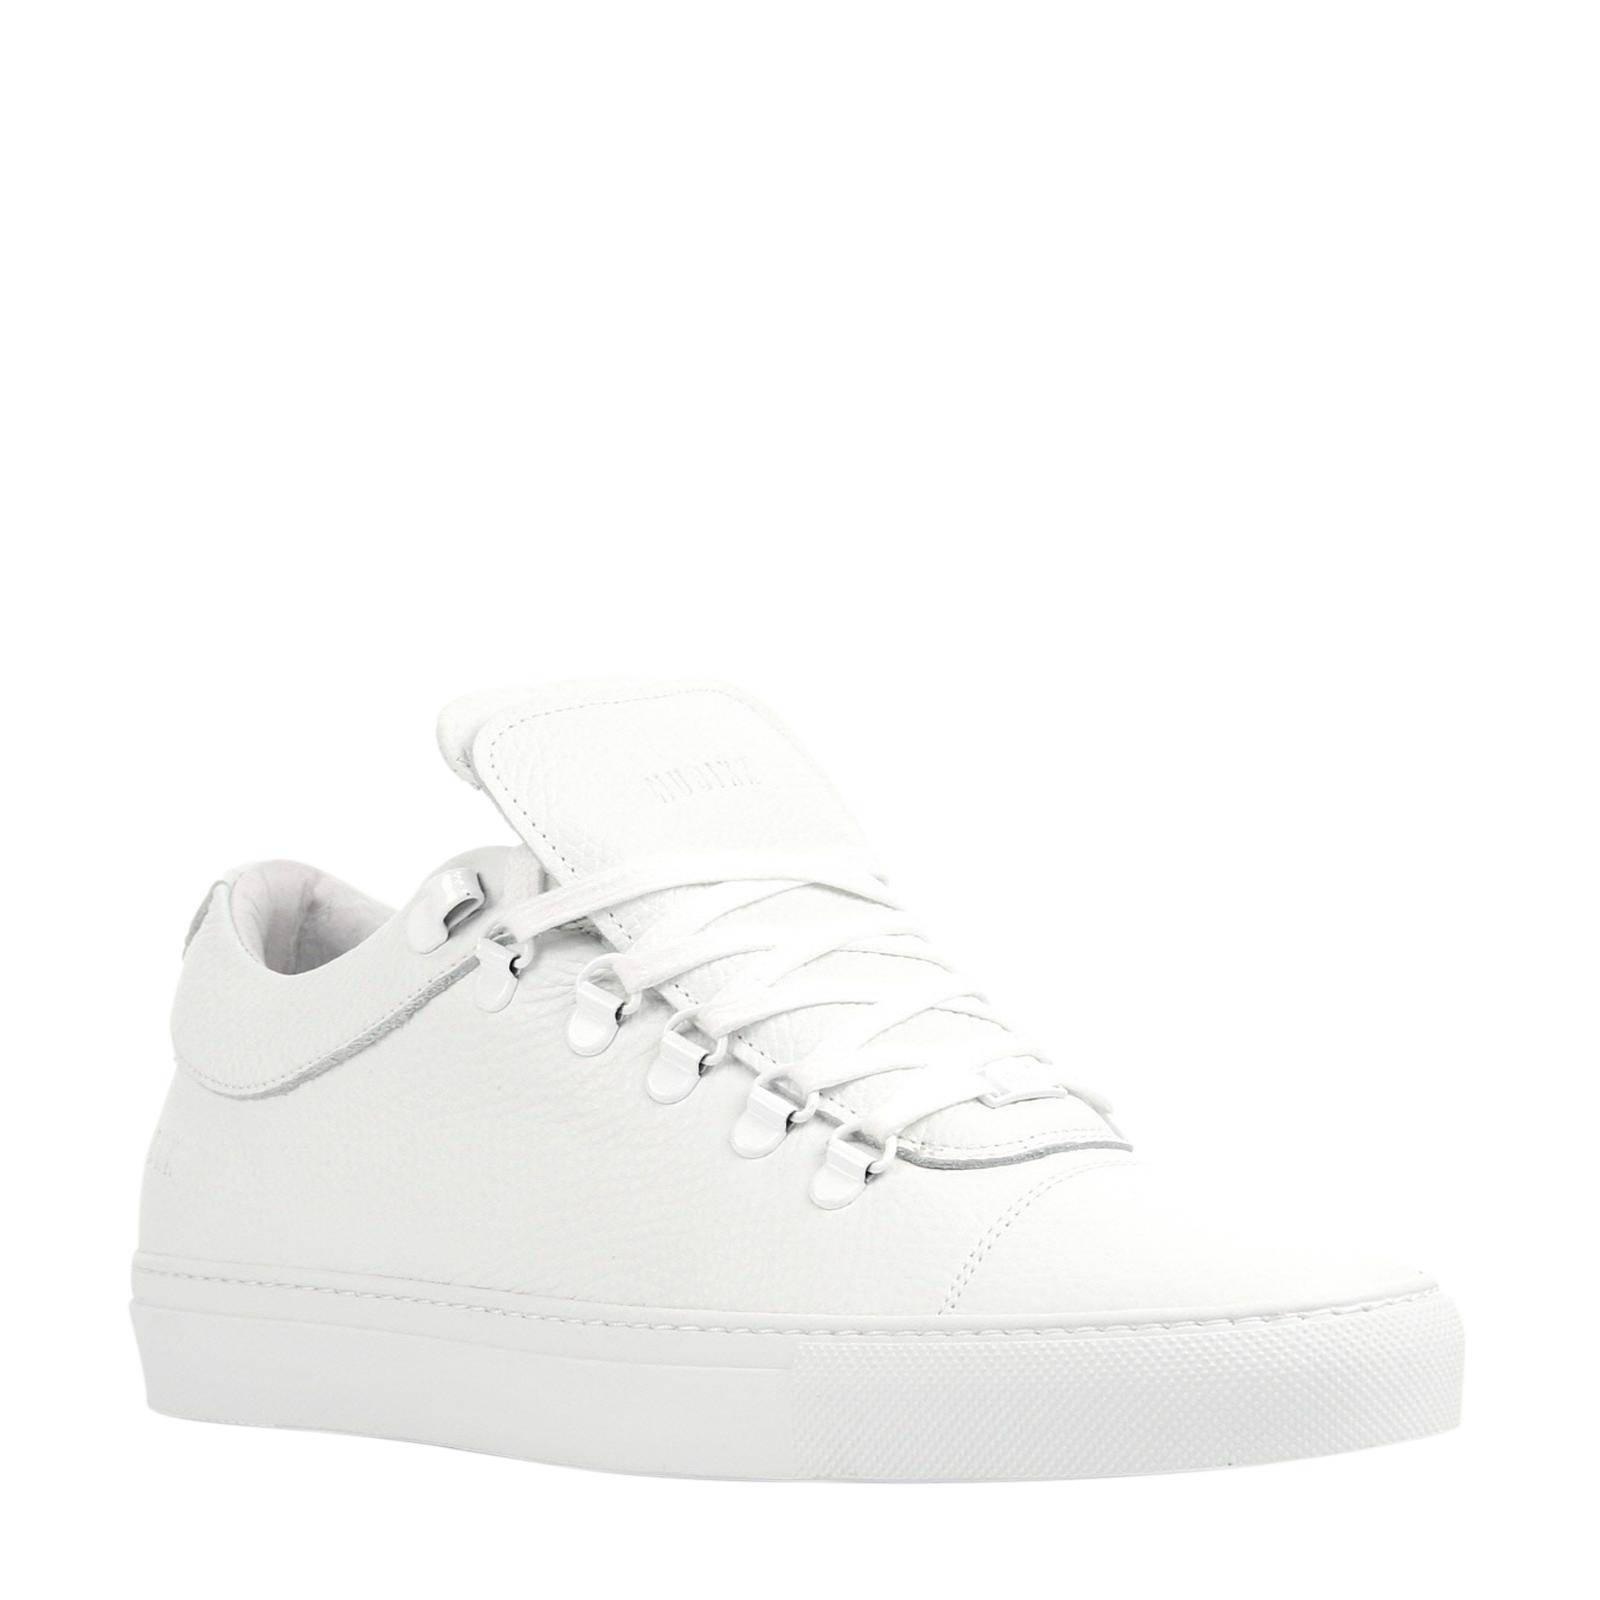 Nubikk Jhay Low Tumble leren sneakers